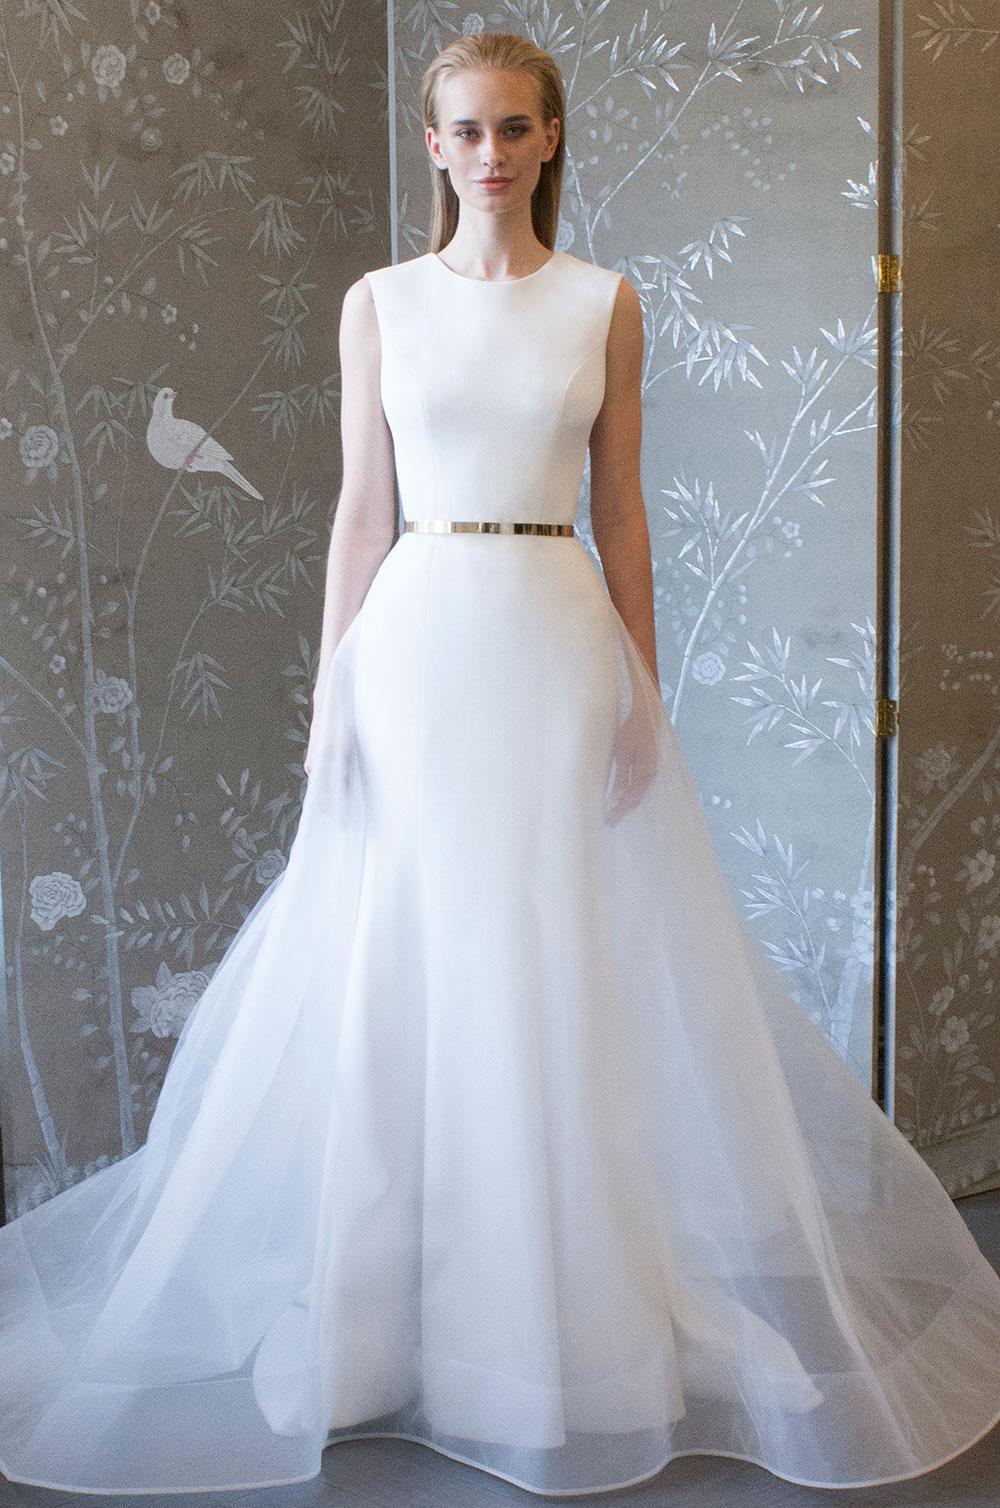 Minimalist bride: Romona-Keveza